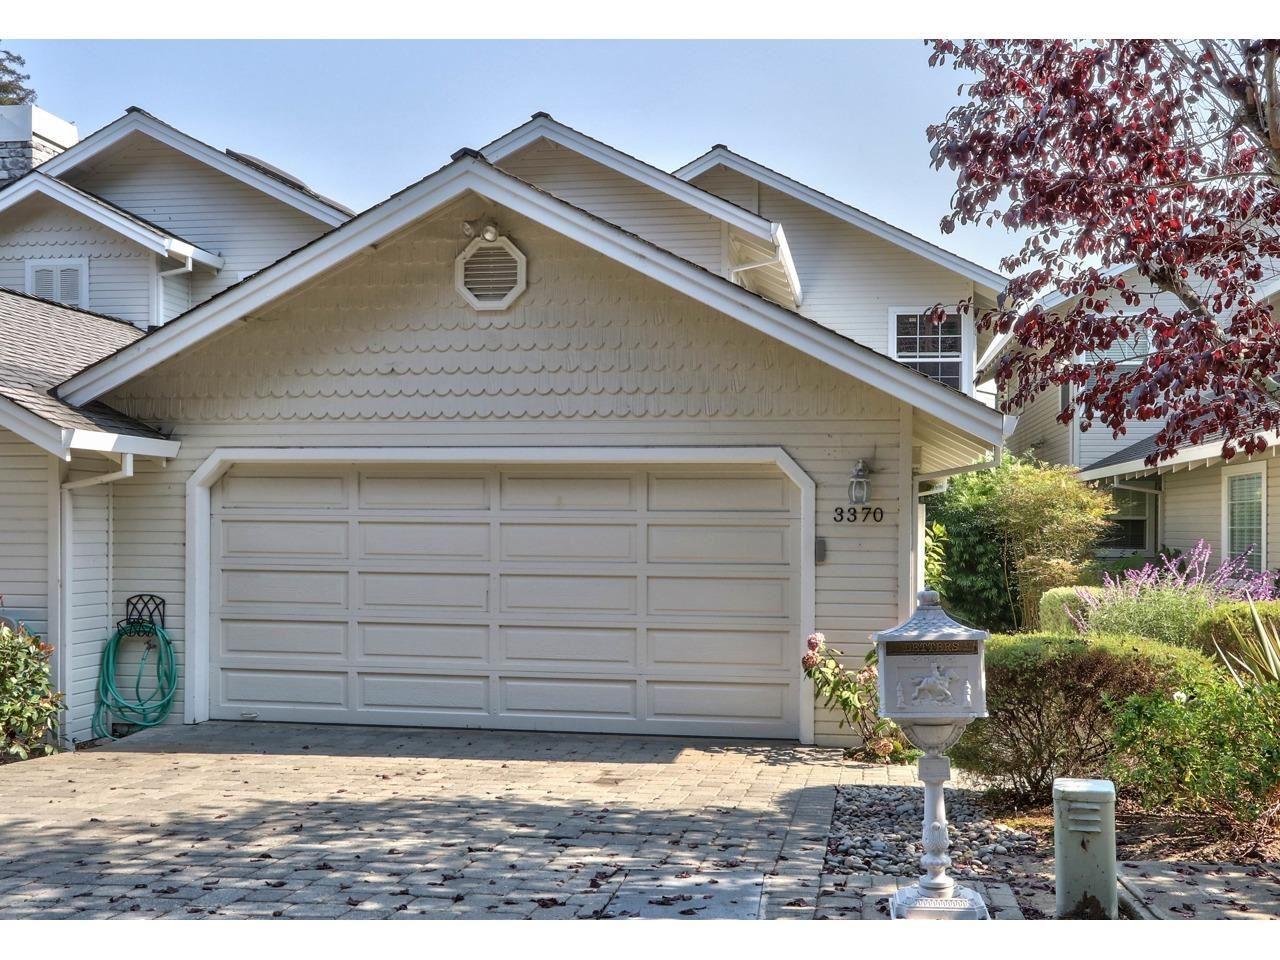 Photo for 3370 Aptos Rancho RD, APTOS, CA 95003 (MLS # ML81814075)